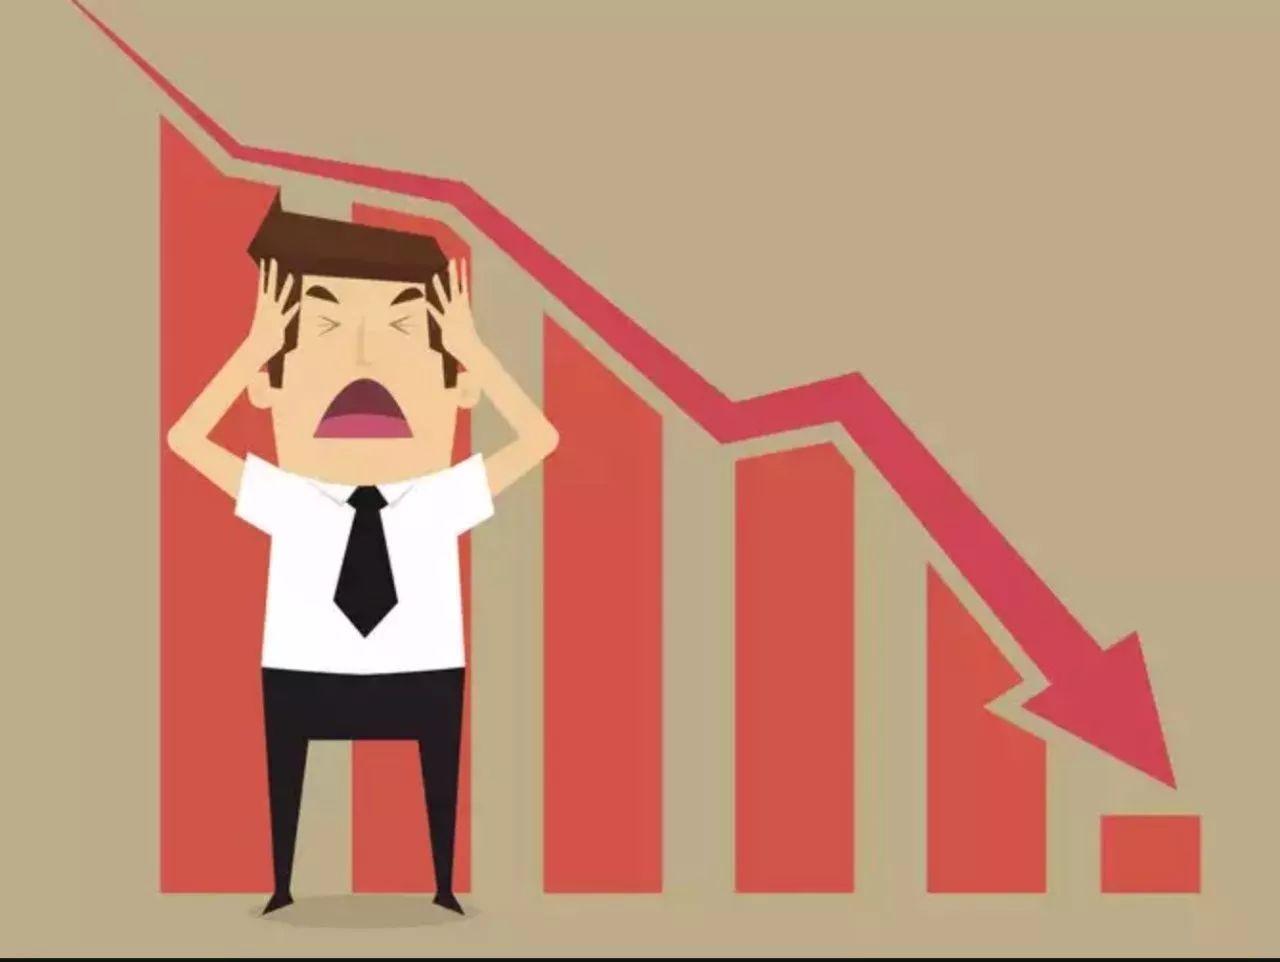 2017年即将进入尾声,券商的业绩则持续回落